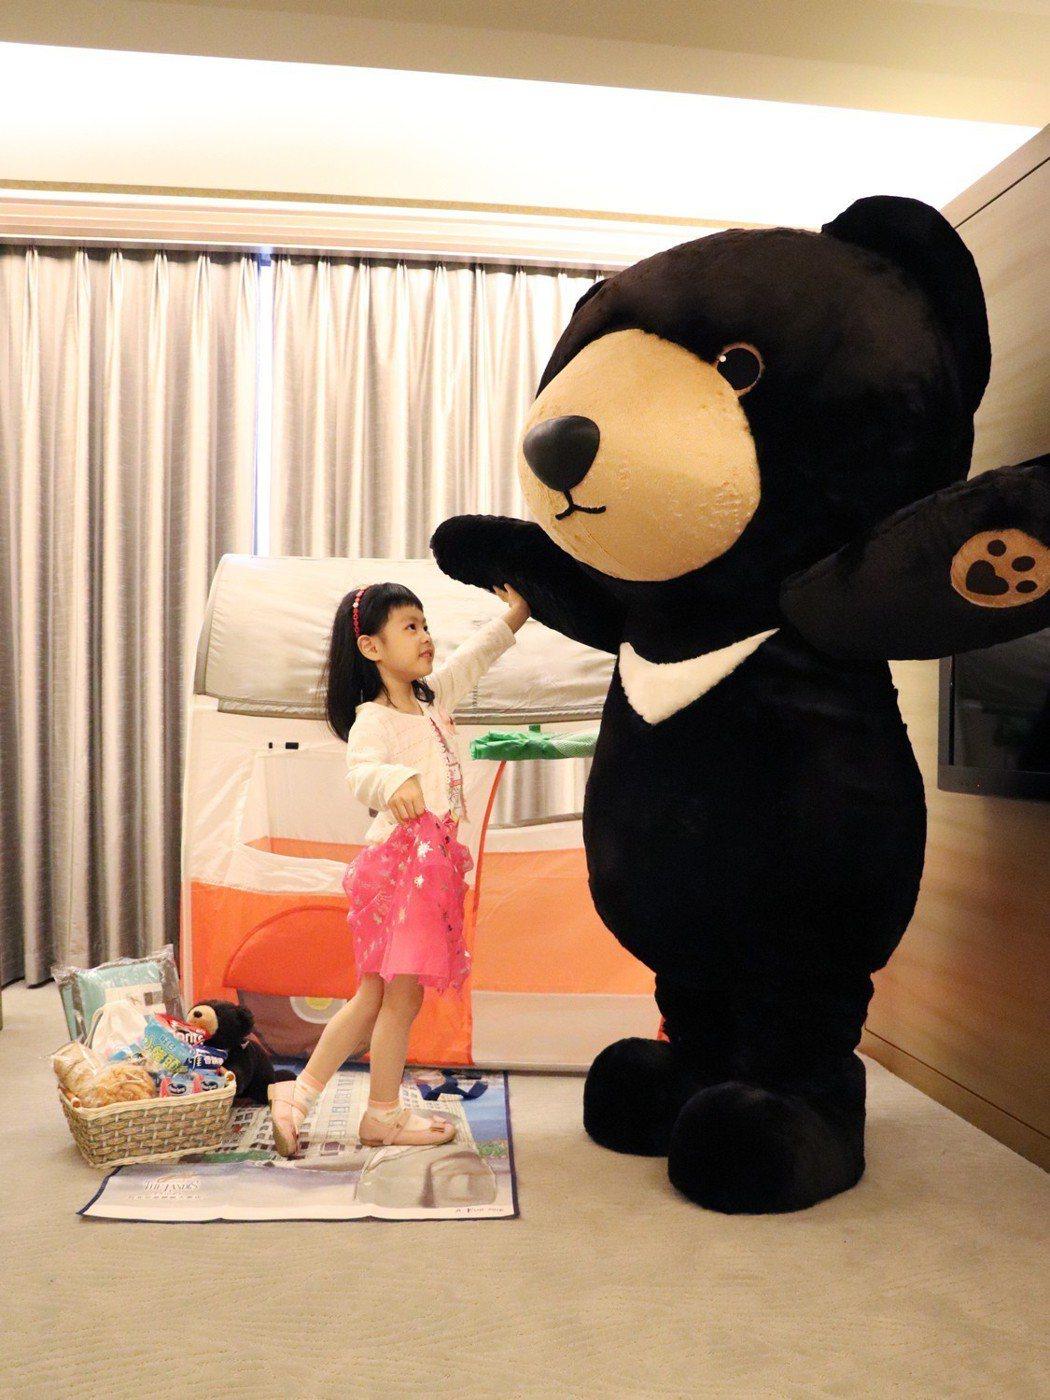 台北亞都麗緻飯店今年首次跨足親子旅遊市場,推出「和麗緻熊遊台北」親子住房專案。 ...